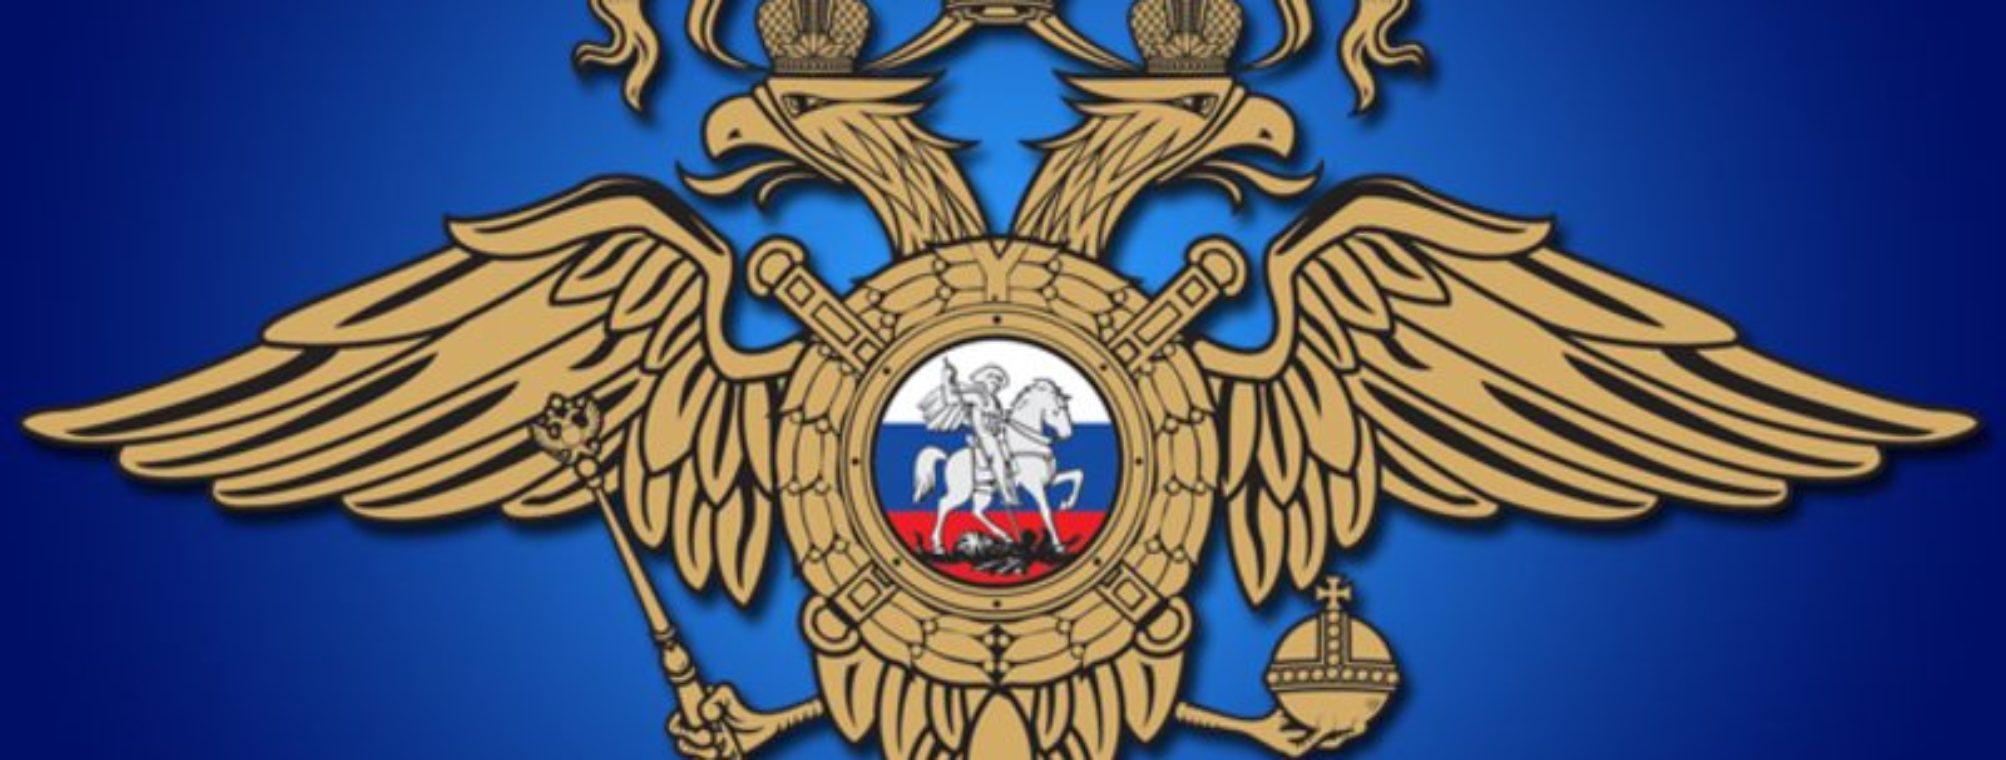 Закон о нахождении на территории россии 90 180